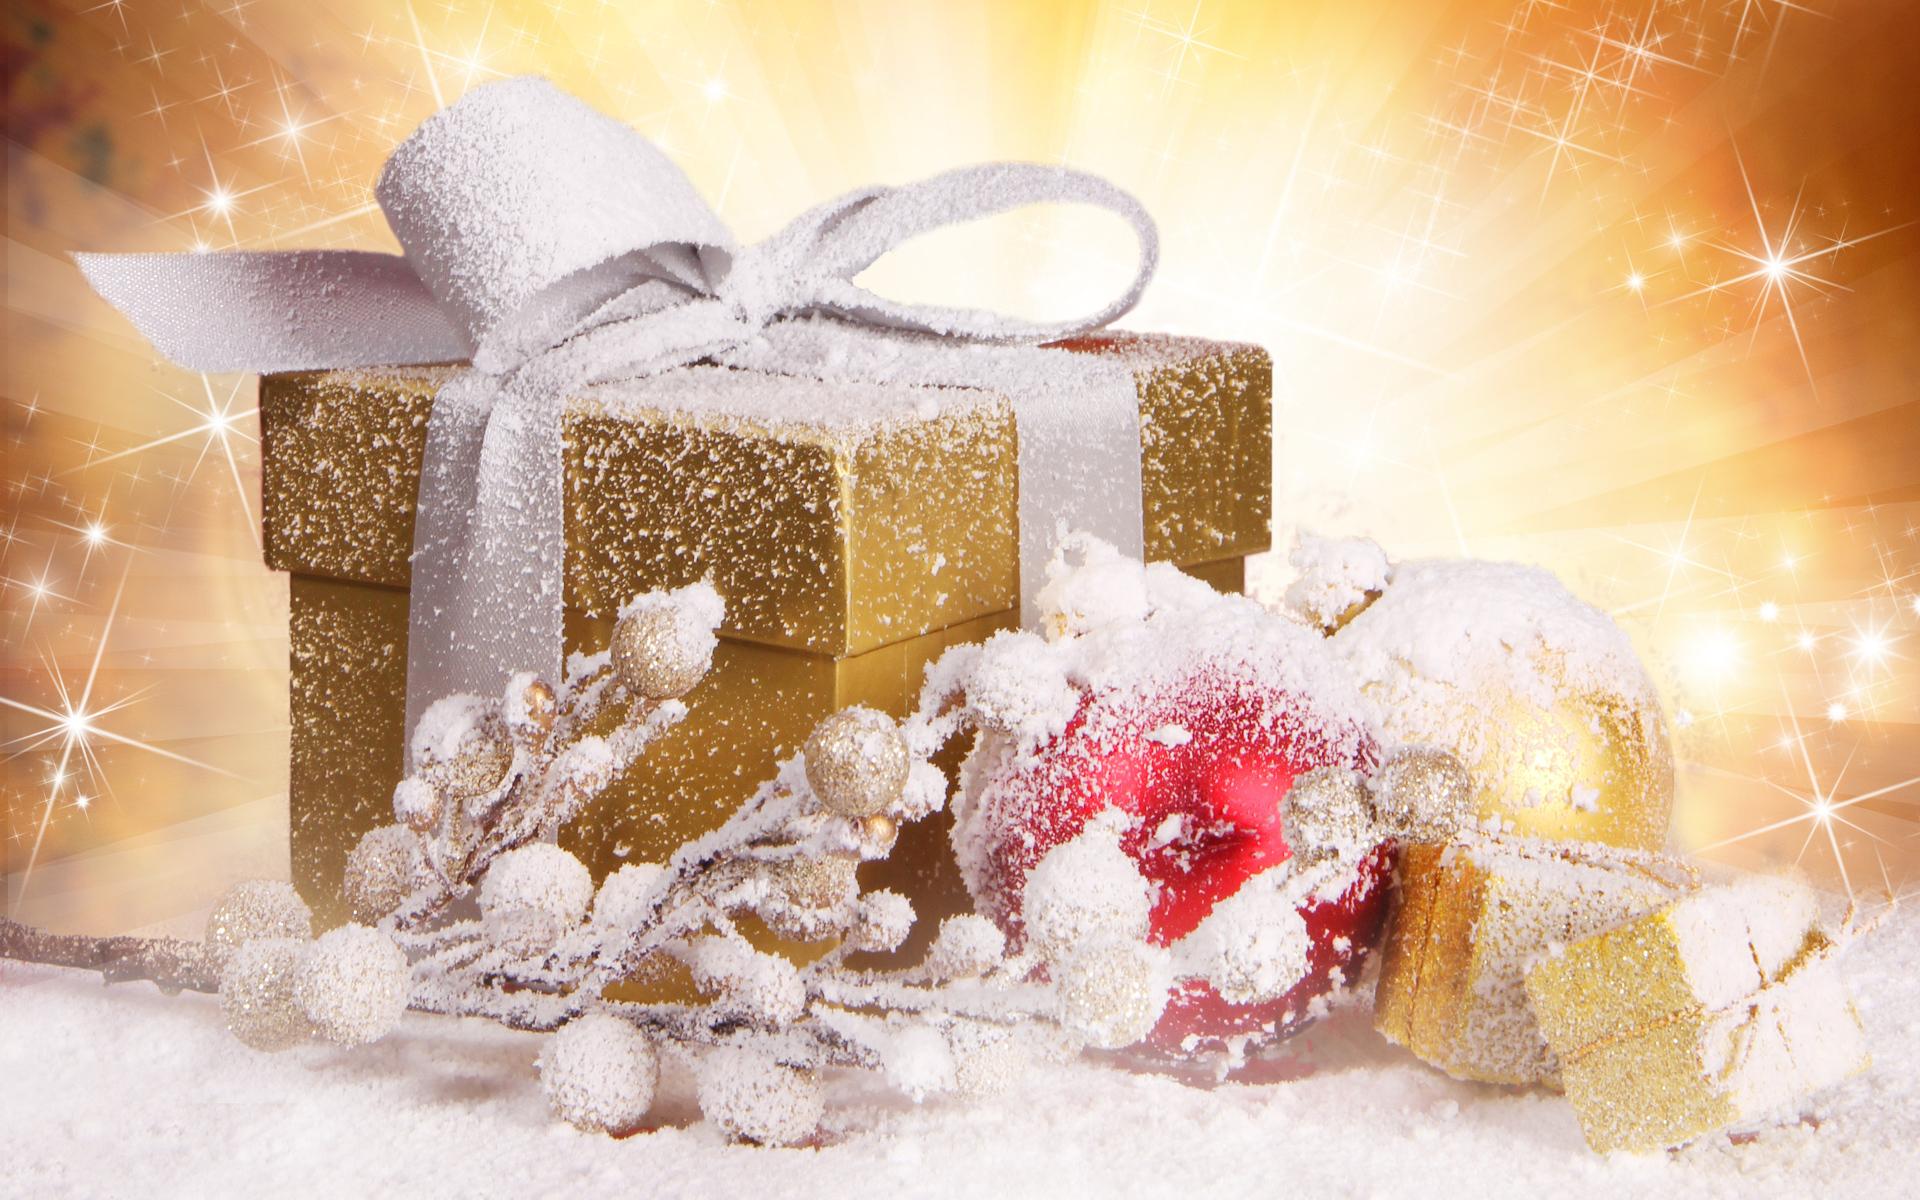 Золотая коробка с подарком - C Рождеством Христовым поздравительные картинки